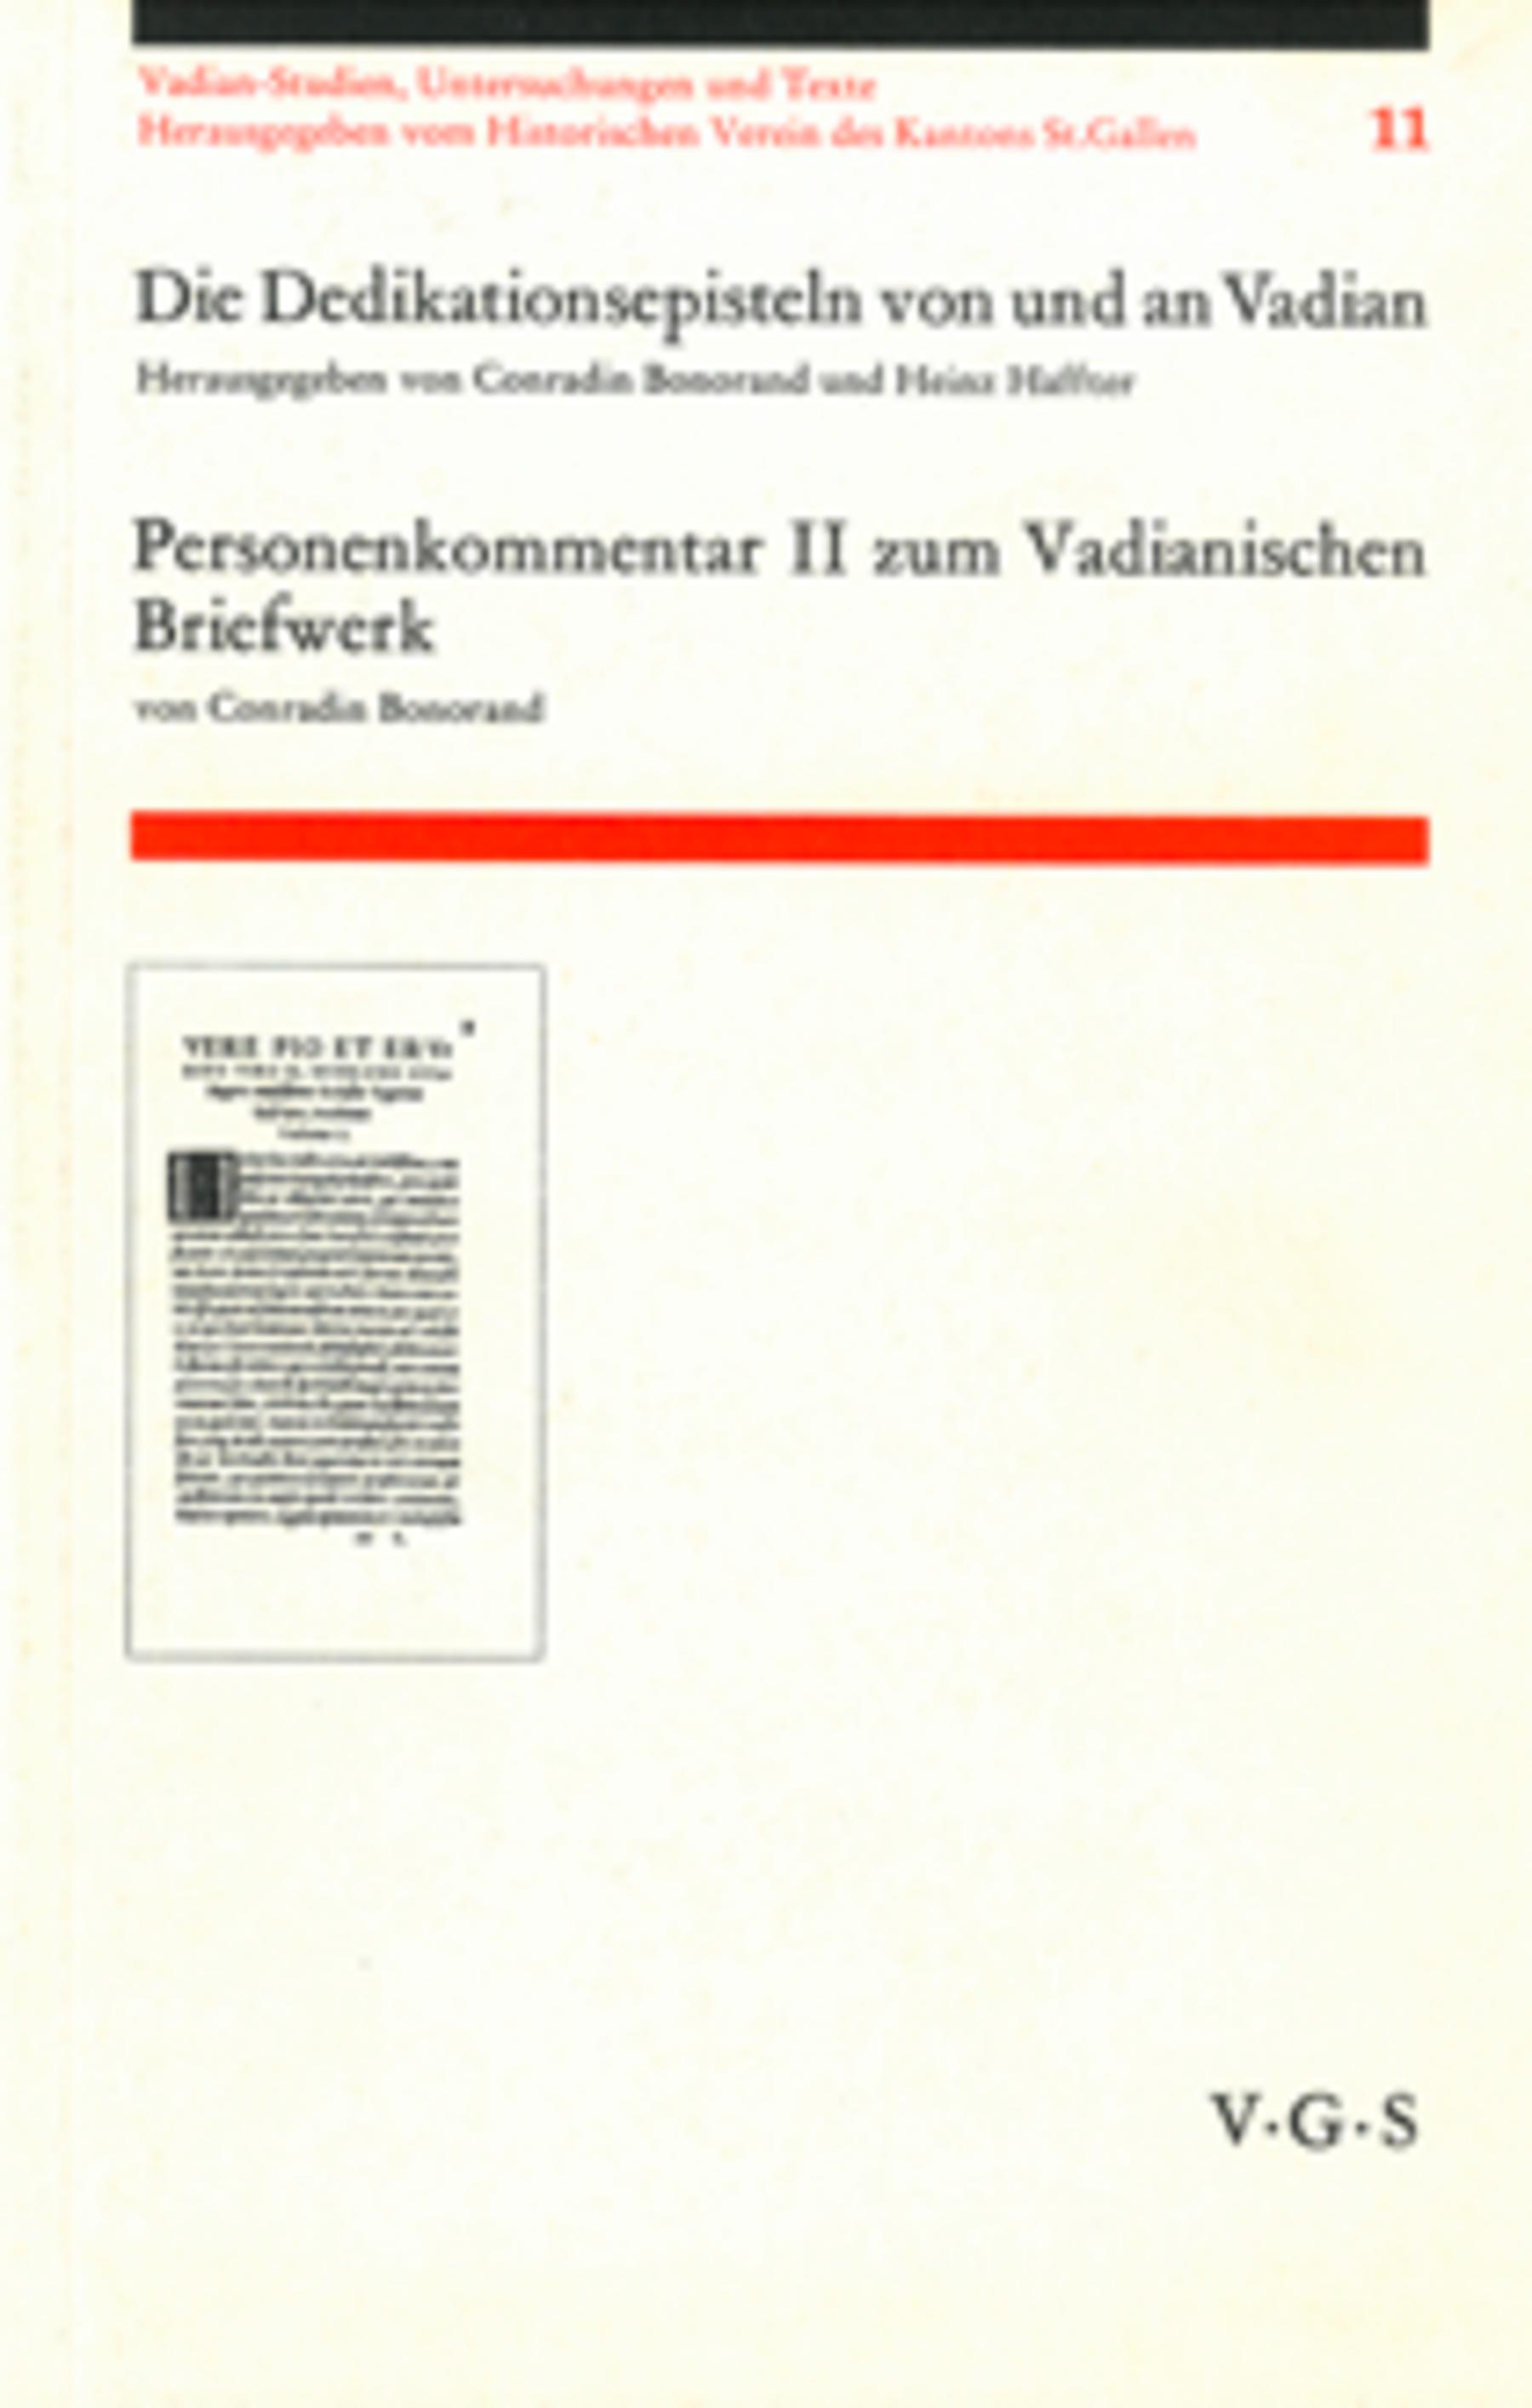 <p><p>Personenkommentar II zum Vadiani